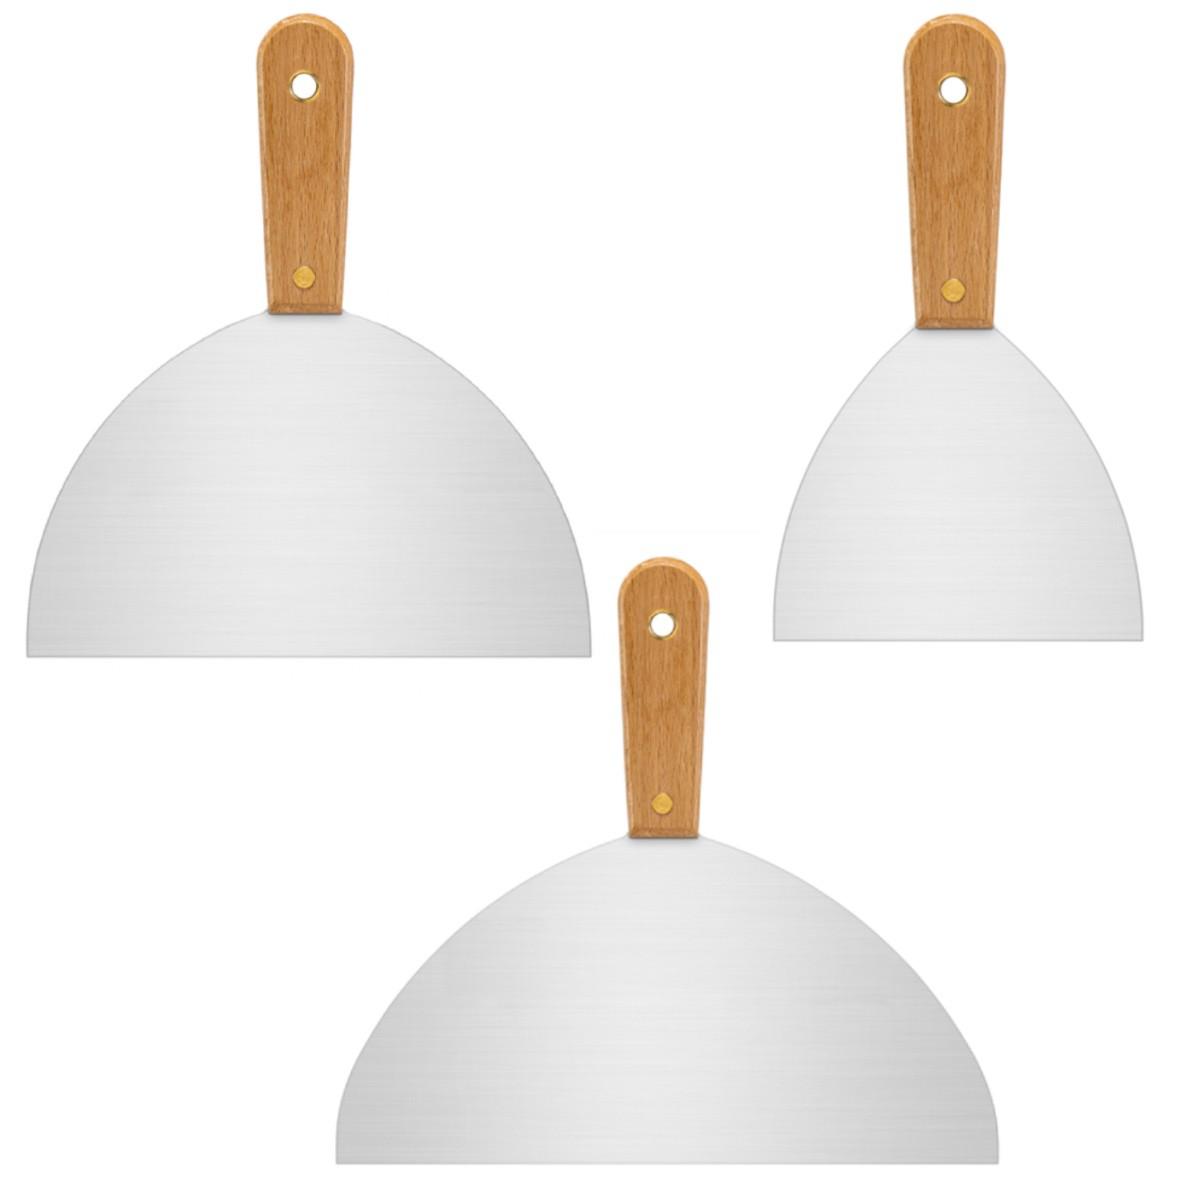 Jogo Espatula de Inox 25cm, 20cm e 12,5cm Gesso e Drywall